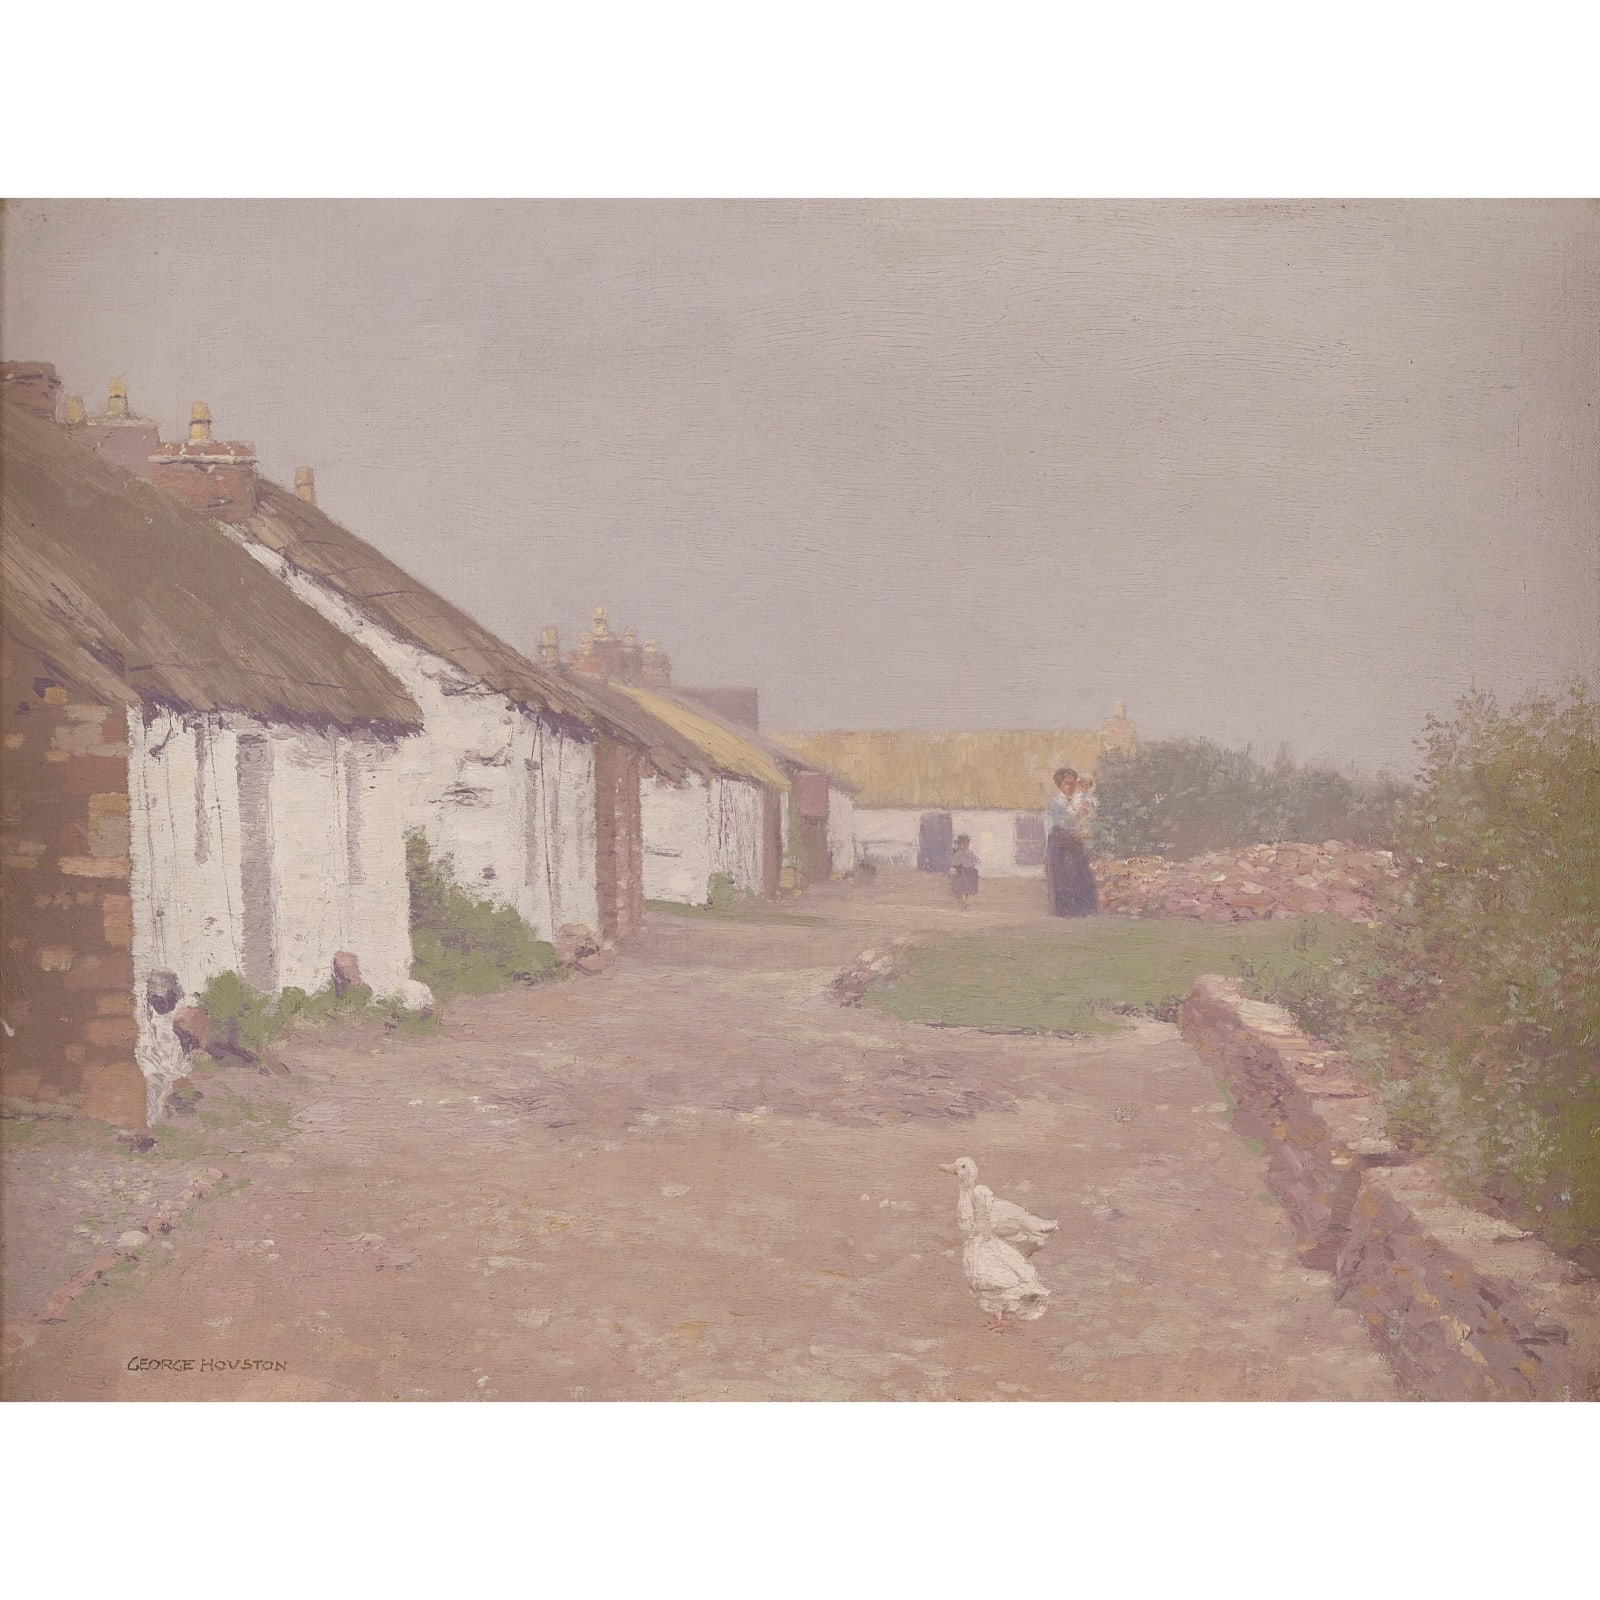 George Houston, The village street, Iona, c.1900-1910